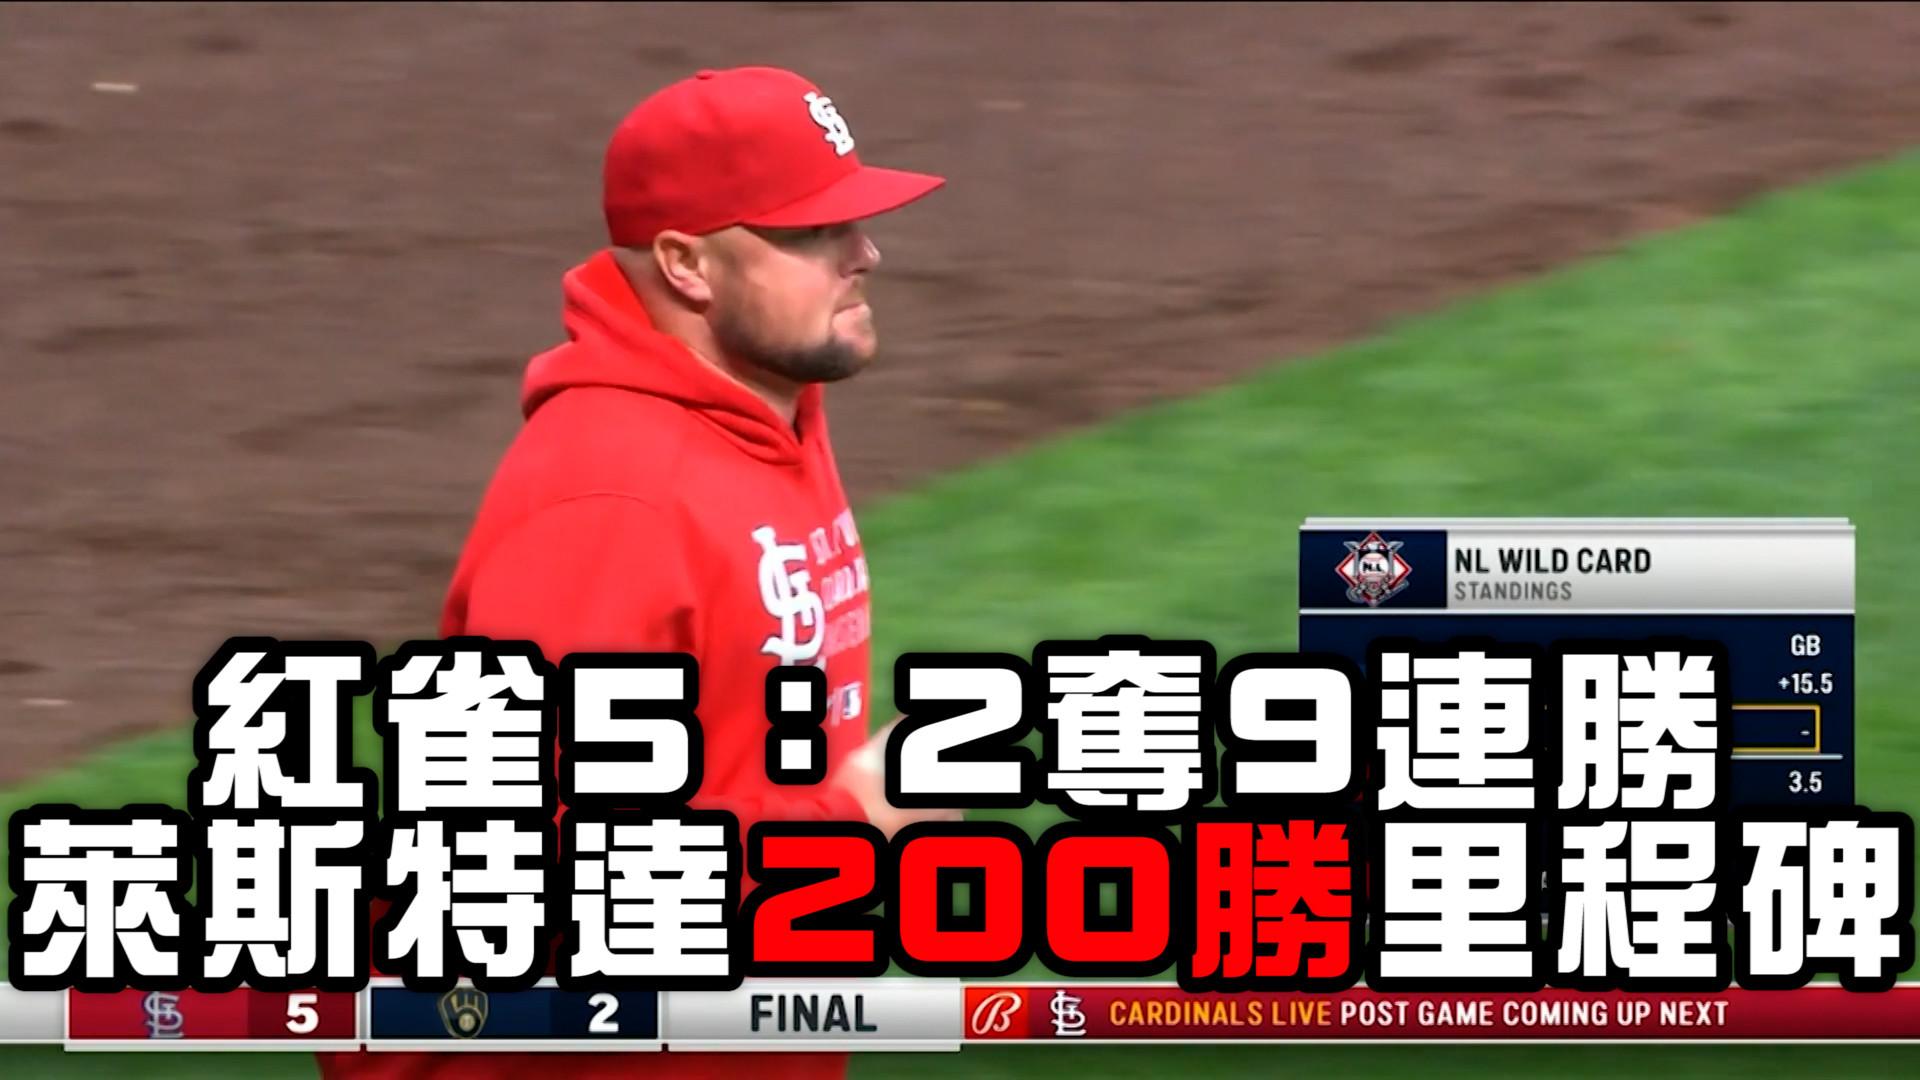 【MLB看愛爾達】紅雀5:2奪9連勝 萊斯特達200勝里程碑 9/21